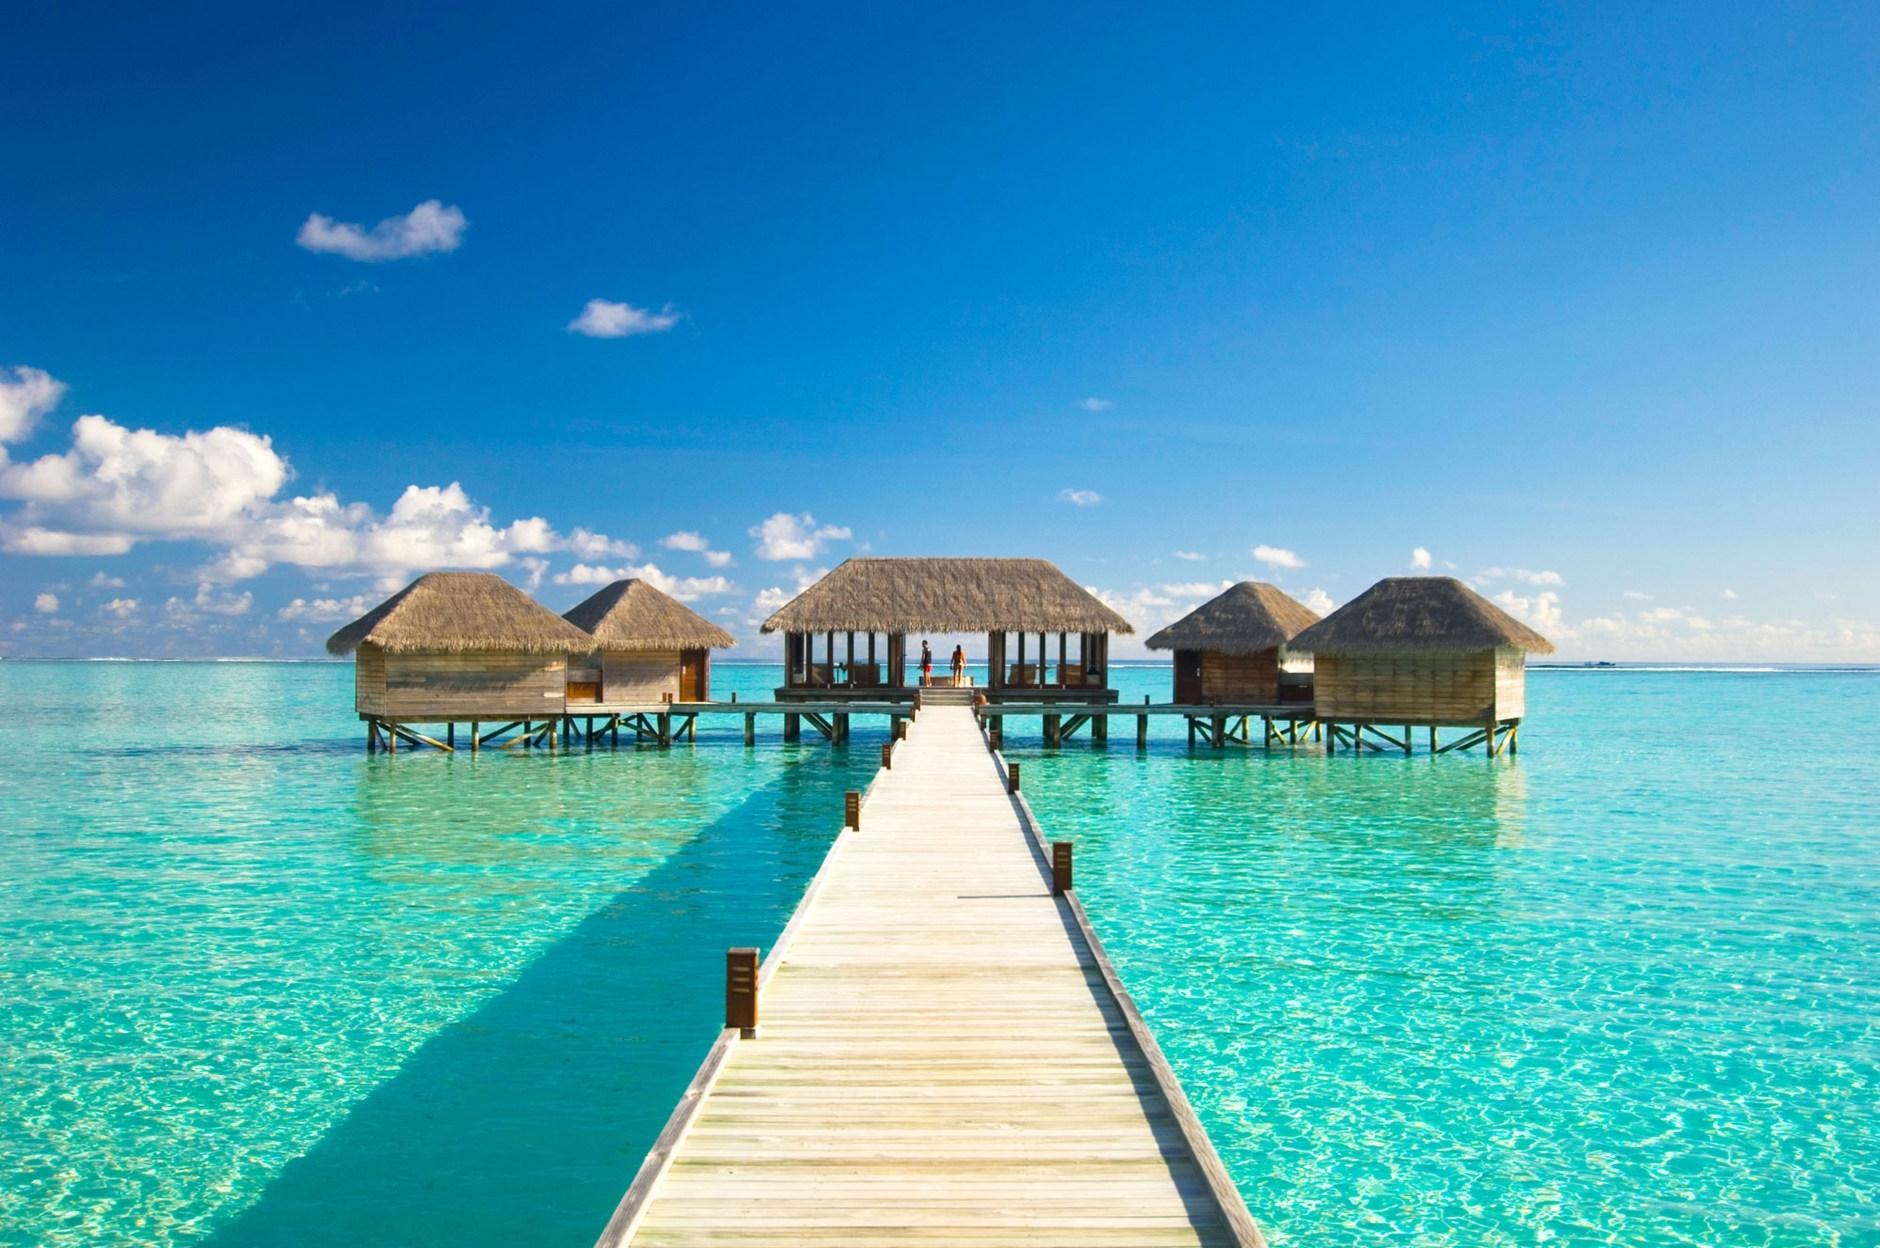 Location de voiliers aux Maldives